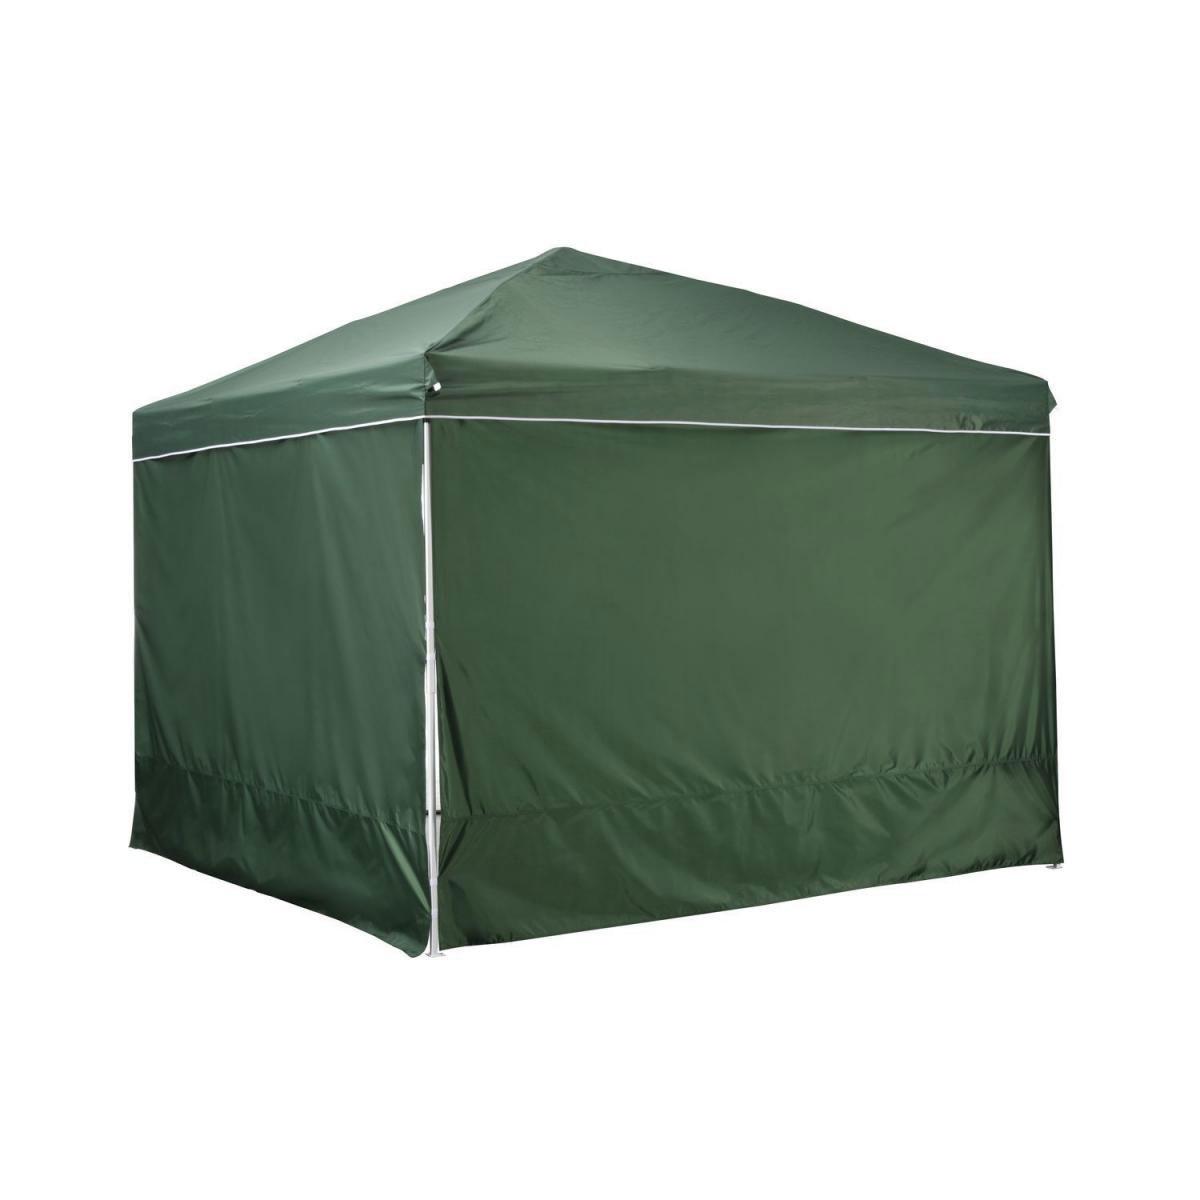 Haveson Seitenteile für Easy Up Pavillon, grün, Nr. 585758